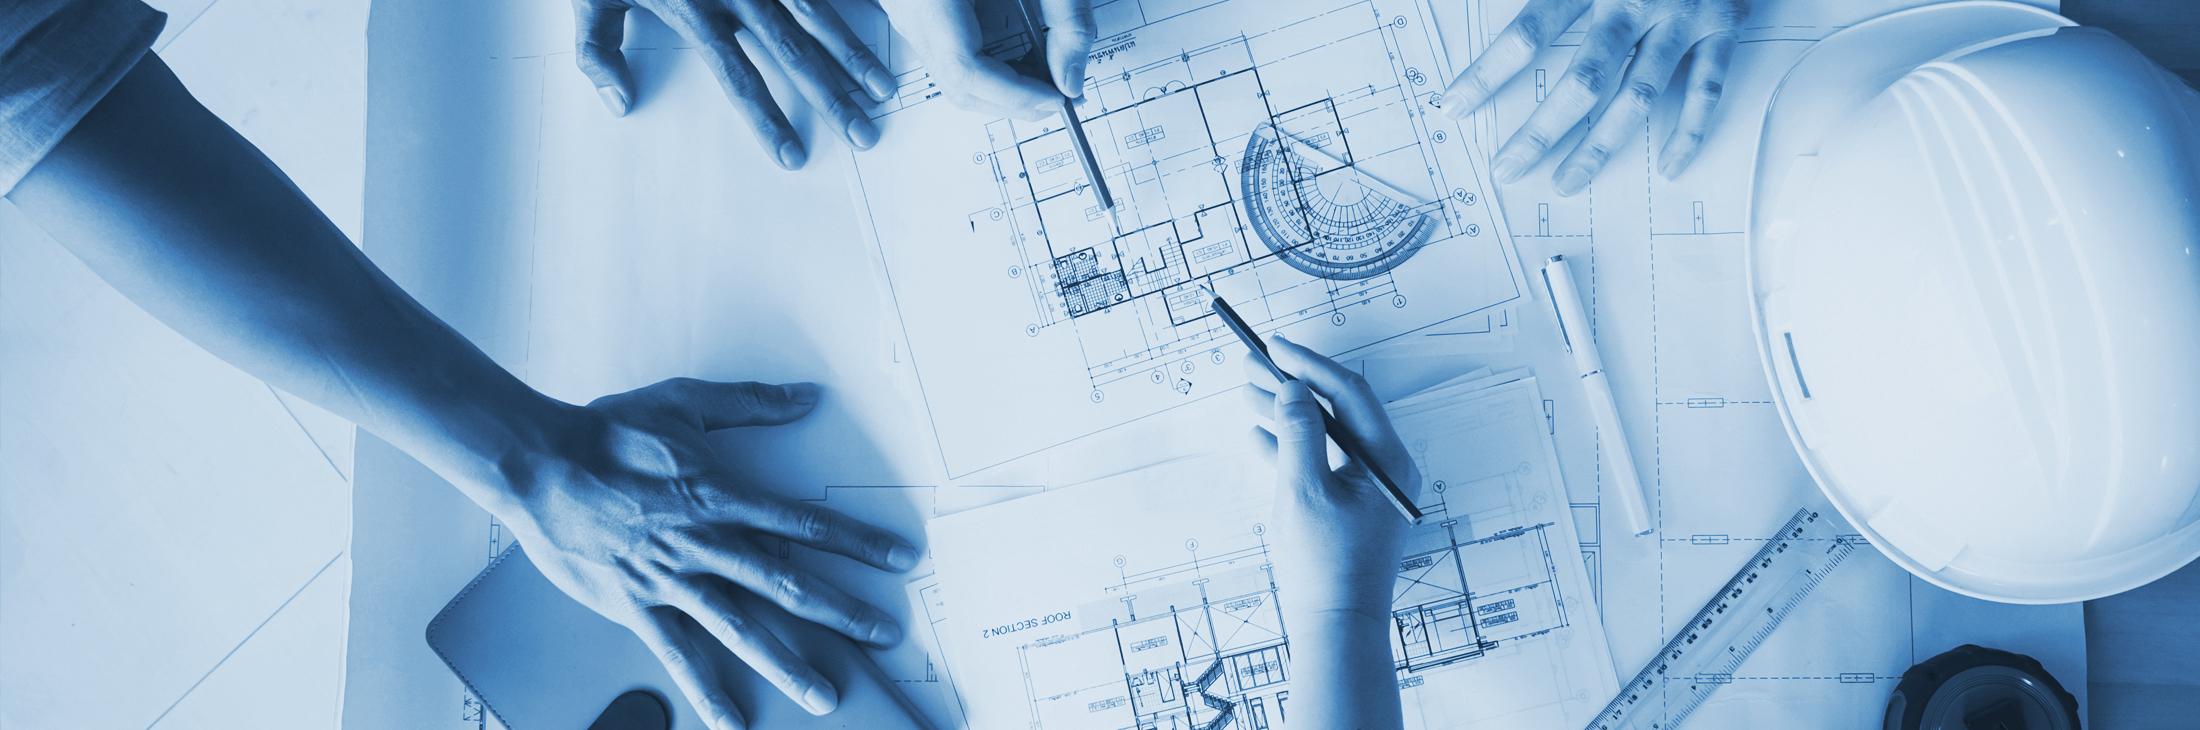 DesignForDurability_Header.jpg